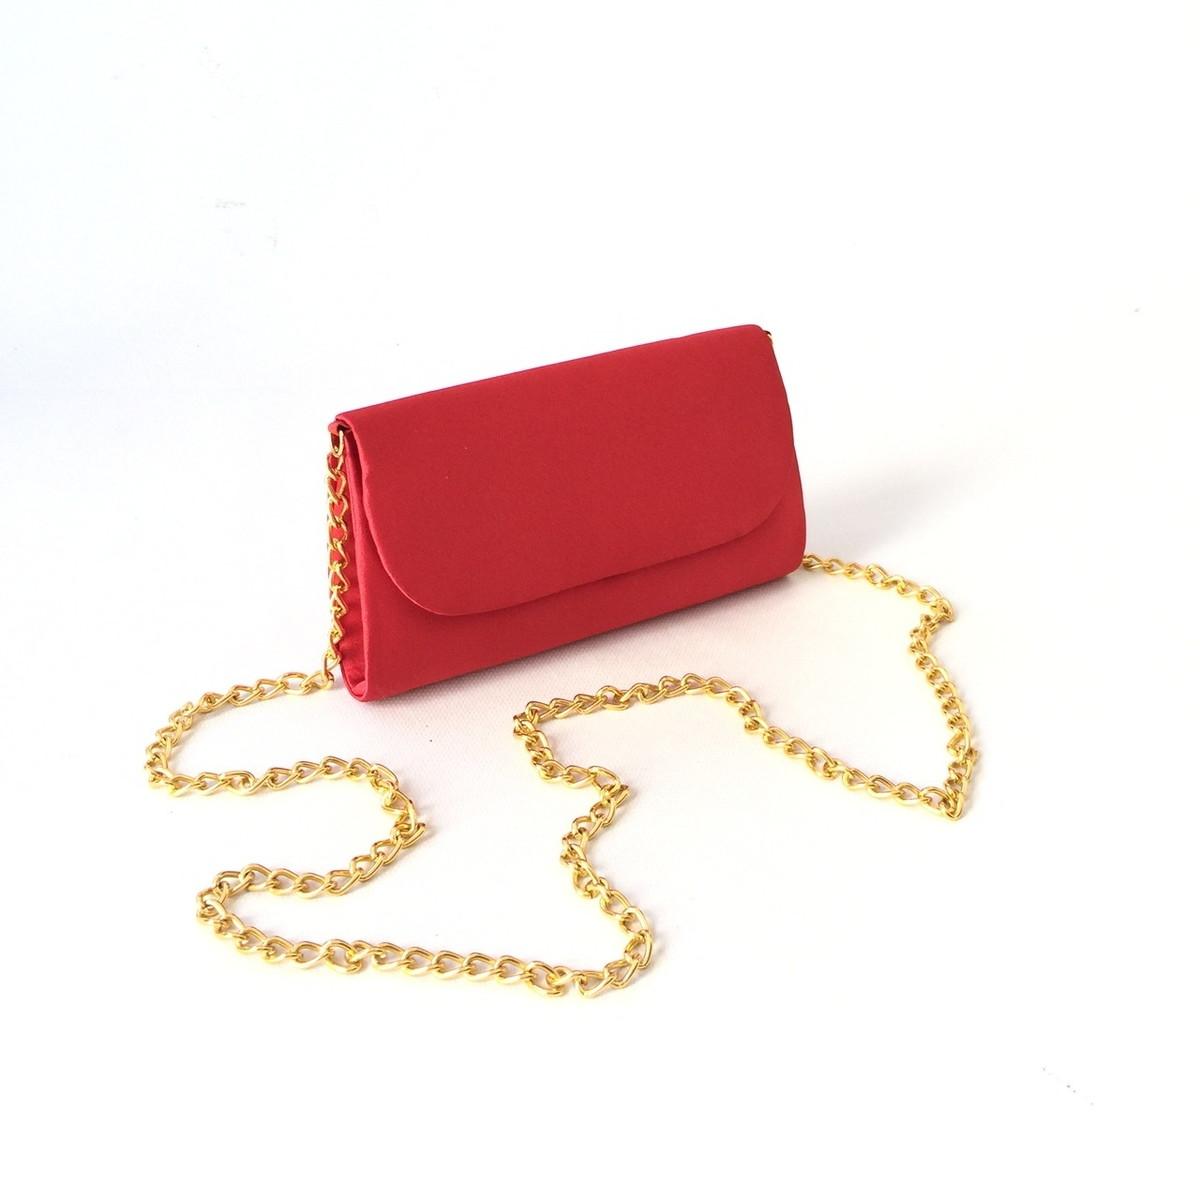 c45d7dc72 Bolsa Vermelha Cetim Corrente Ouro no Elo7 | PATRICIA HENRIQUES (8227FD)